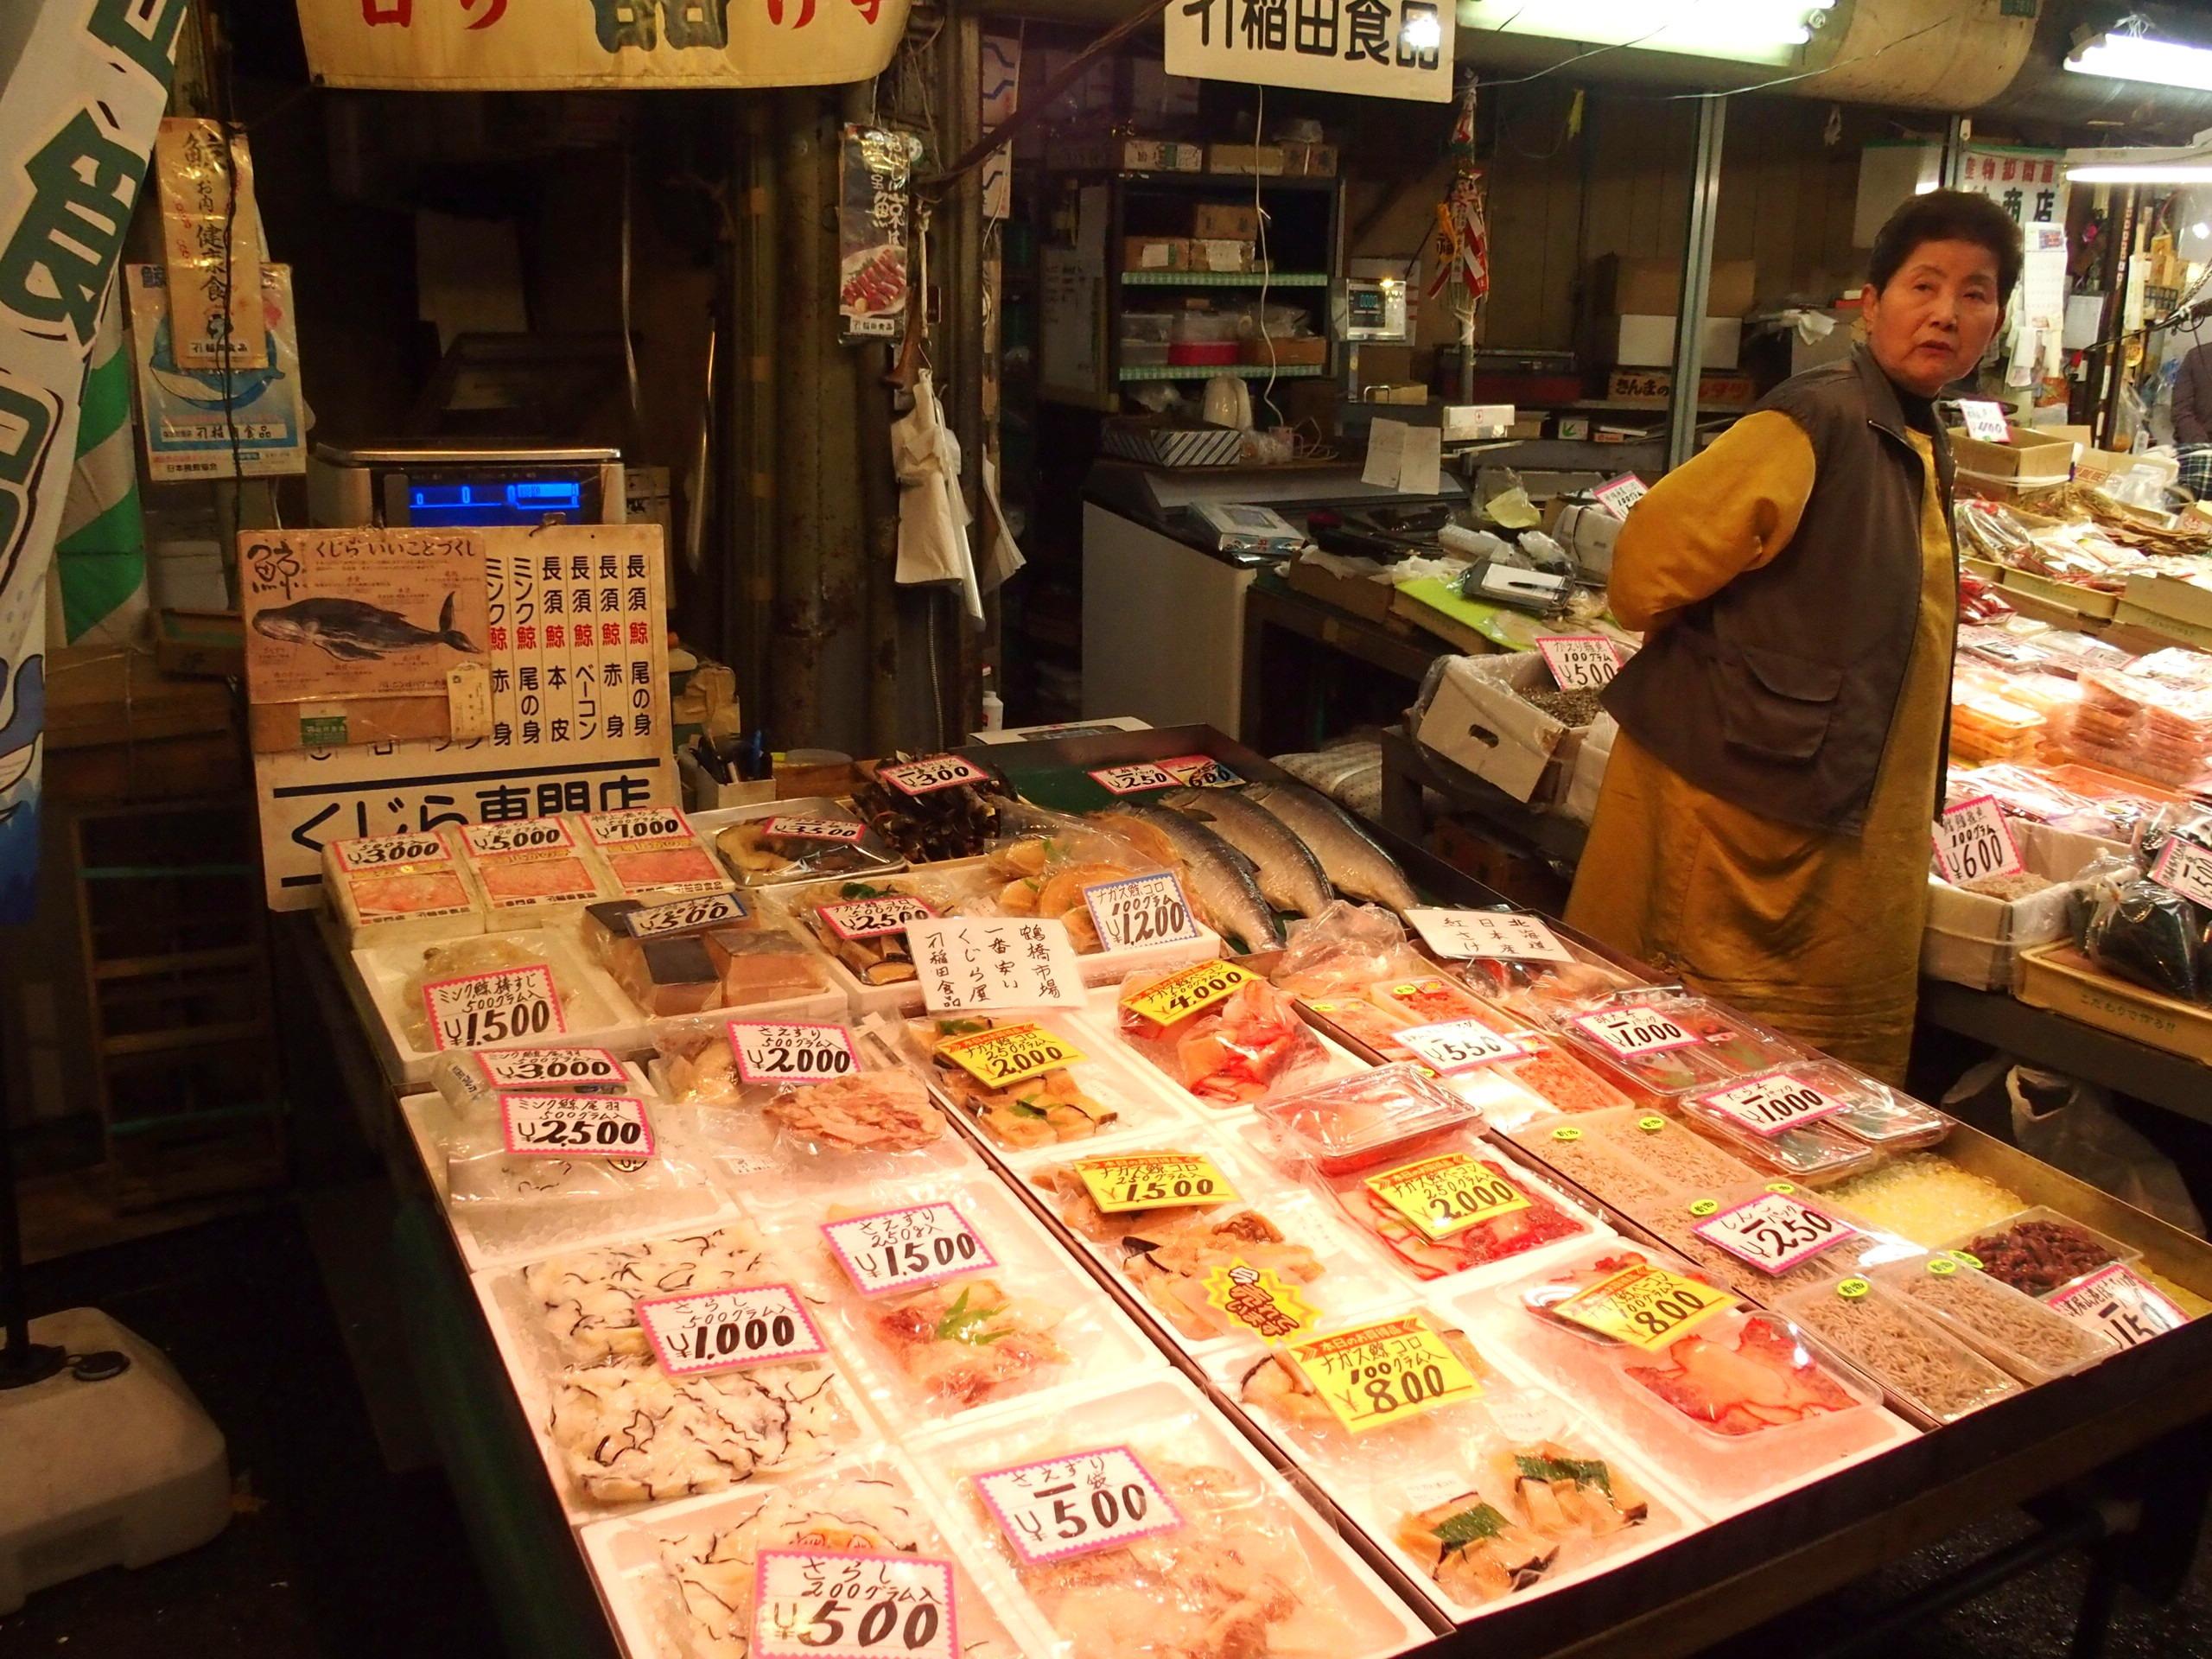 Vente poissons marché visite d'Osaka Japon